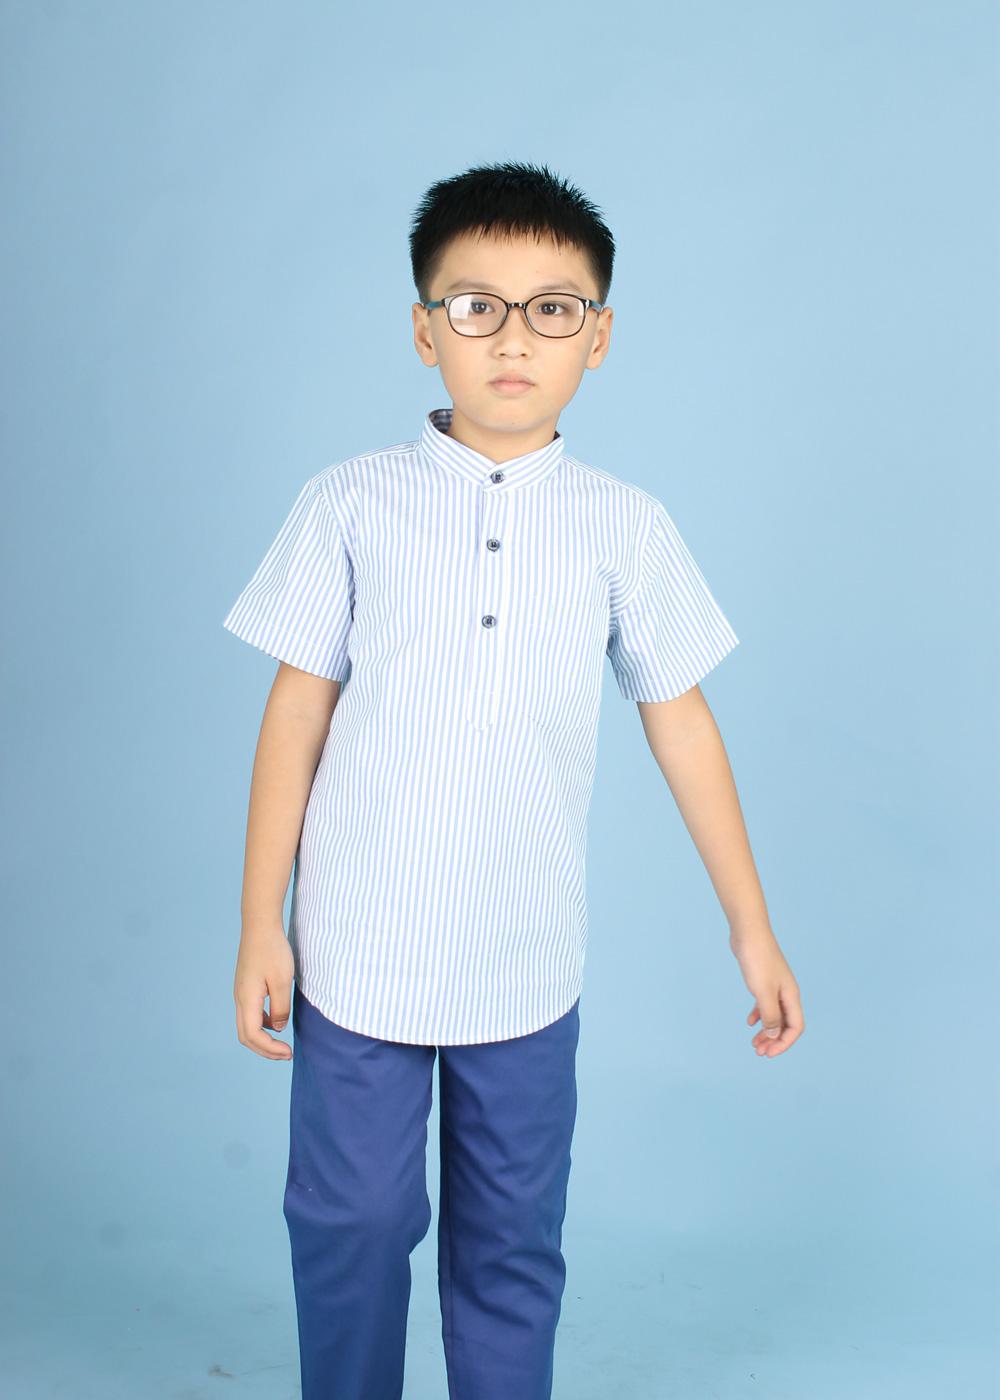 quần áo bé trai 5 tuổi thời trang